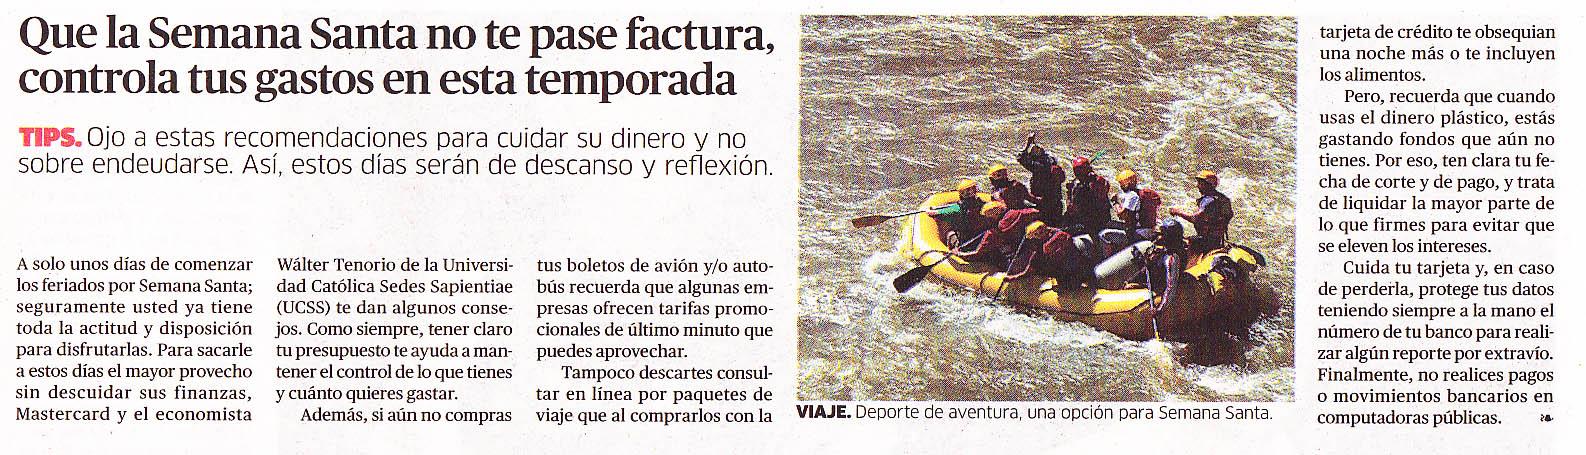 Que la Semana Santa no te pase factura, controla tus gastos en esta temporada - La Republica 13/04/2013